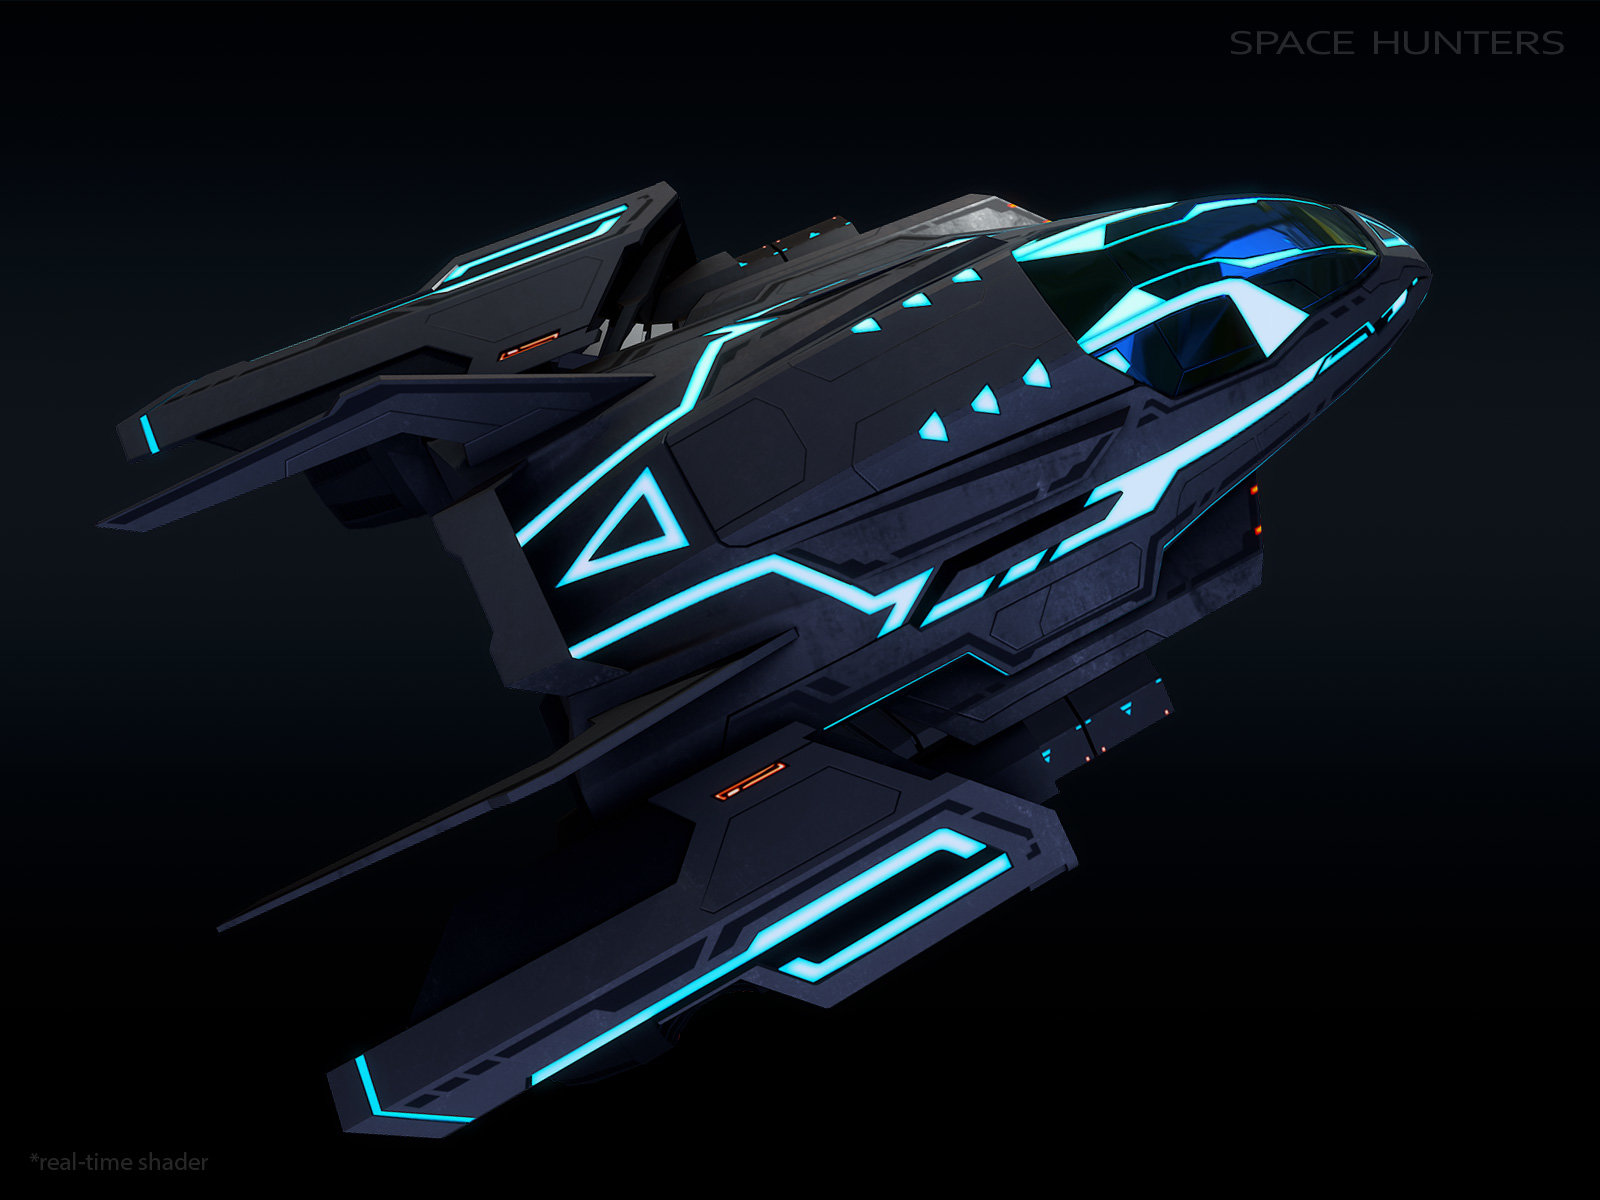 Demitry nemirovskiy spaceship2 2